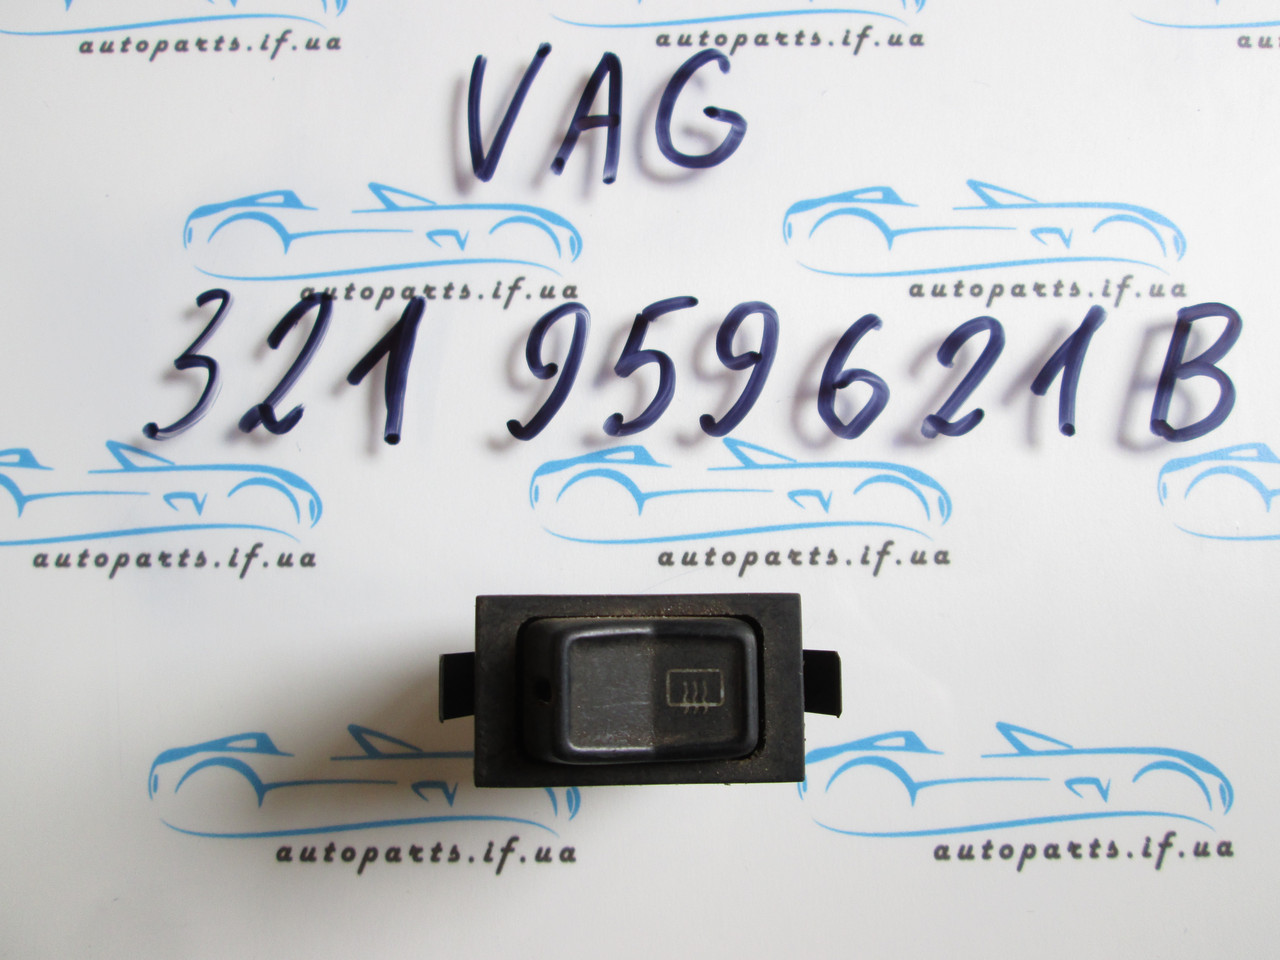 Кнопка обогрева заднего стекла Passat B2 321959621b